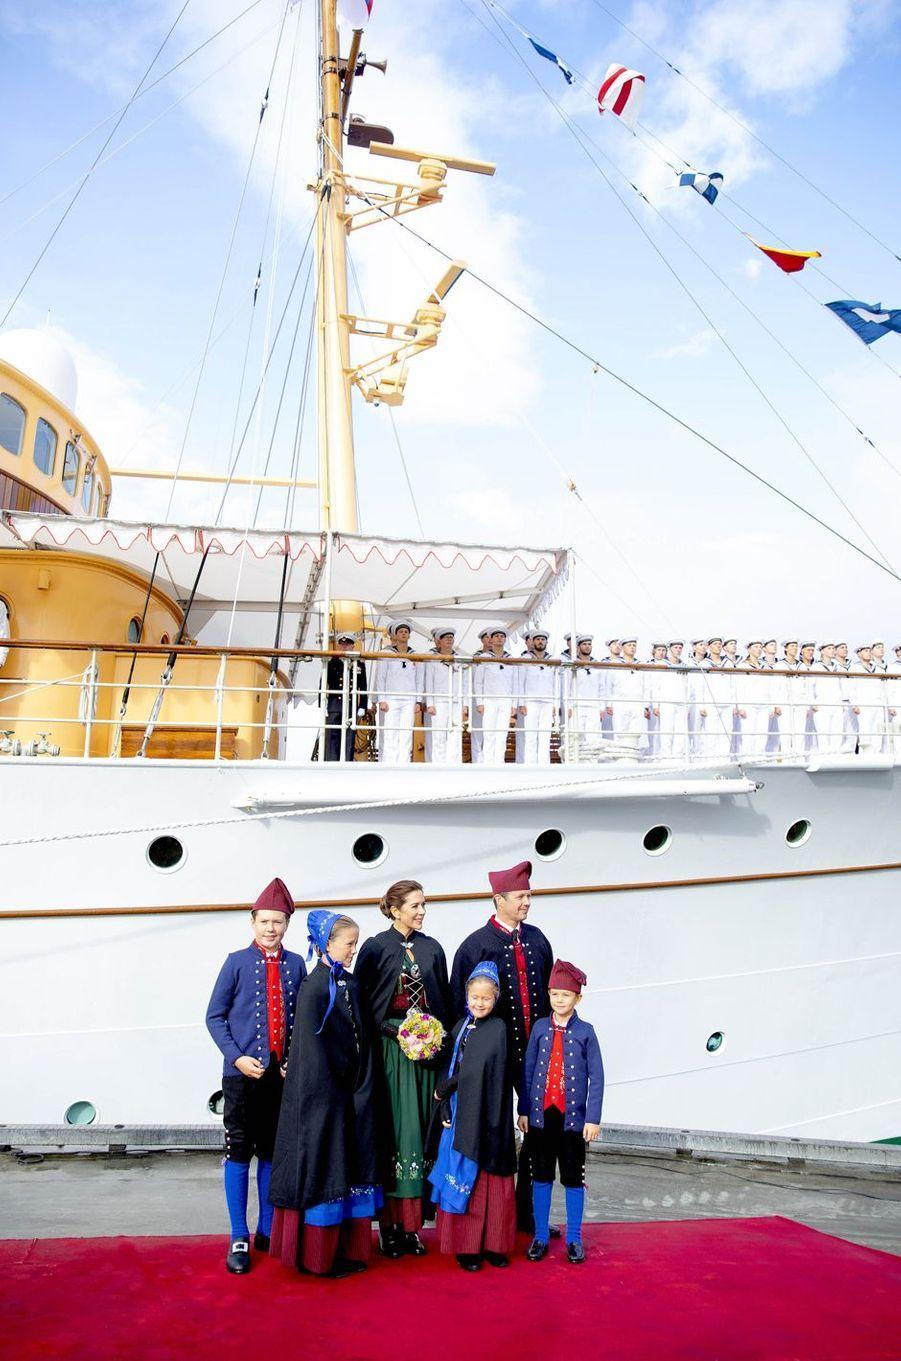 La princesse Mary et le prince Frederik de Danemark avec leurs enfants devant le Danneborg aux îles Féroé, le 23 août 2018